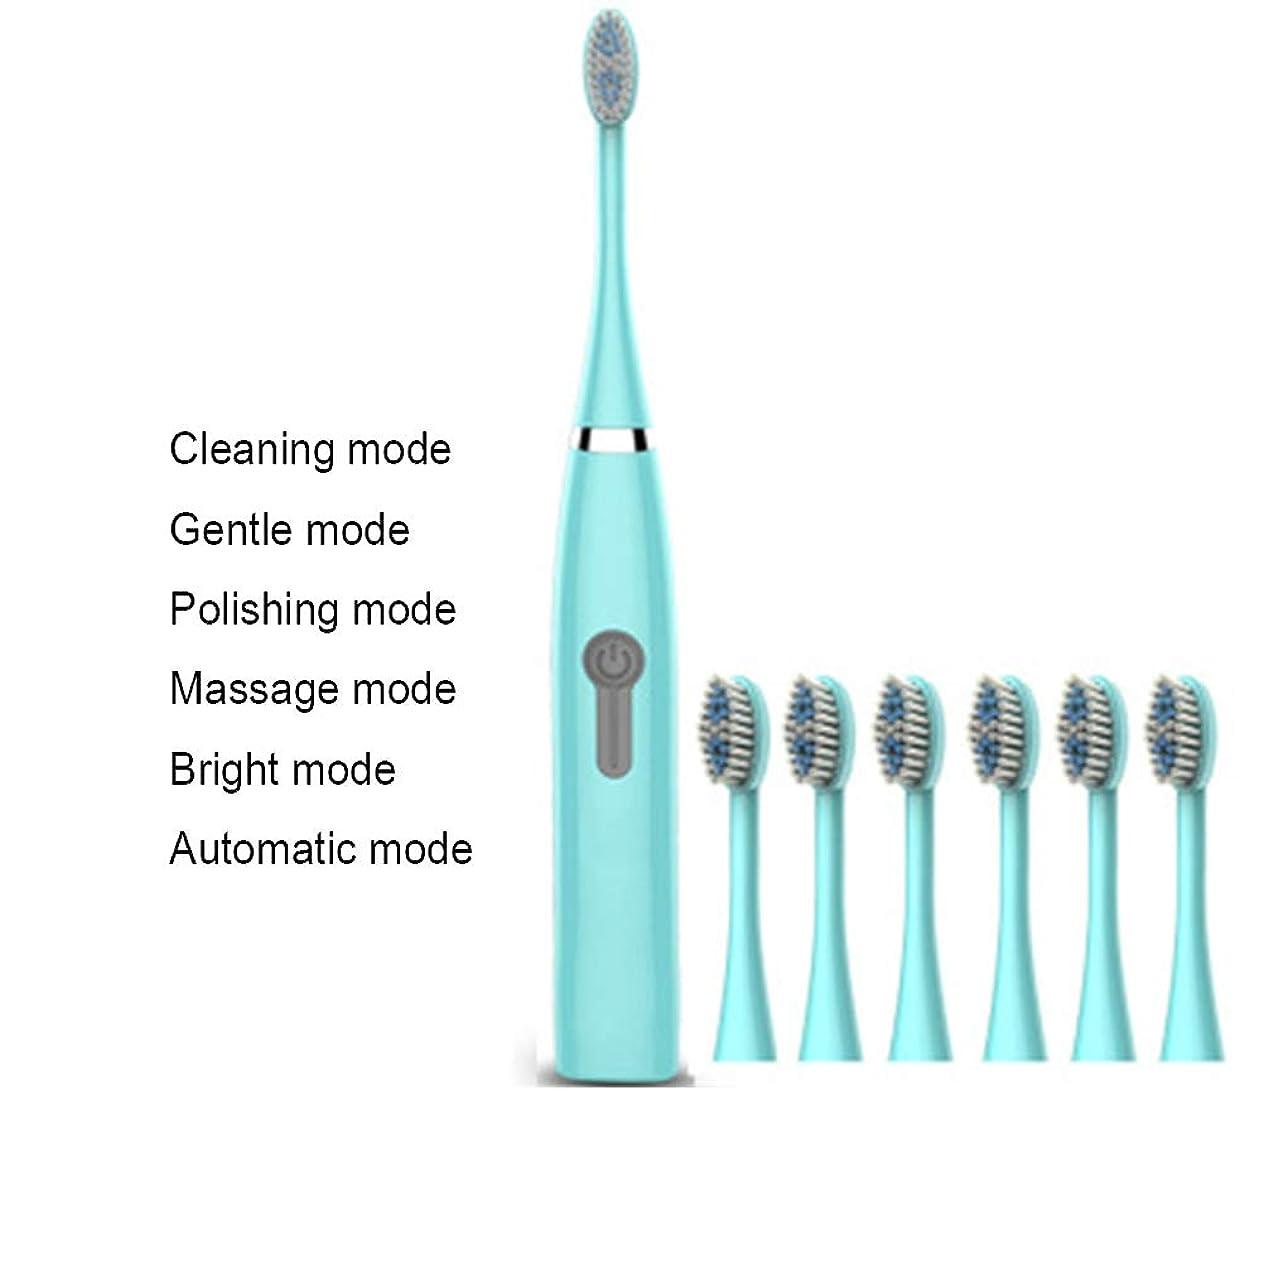 推定財政揮発性5モード電動歯ブラシソニック充電式歯ブラシ用子供、大人、IPX7防水バッテリー歯ブラシ付き,J